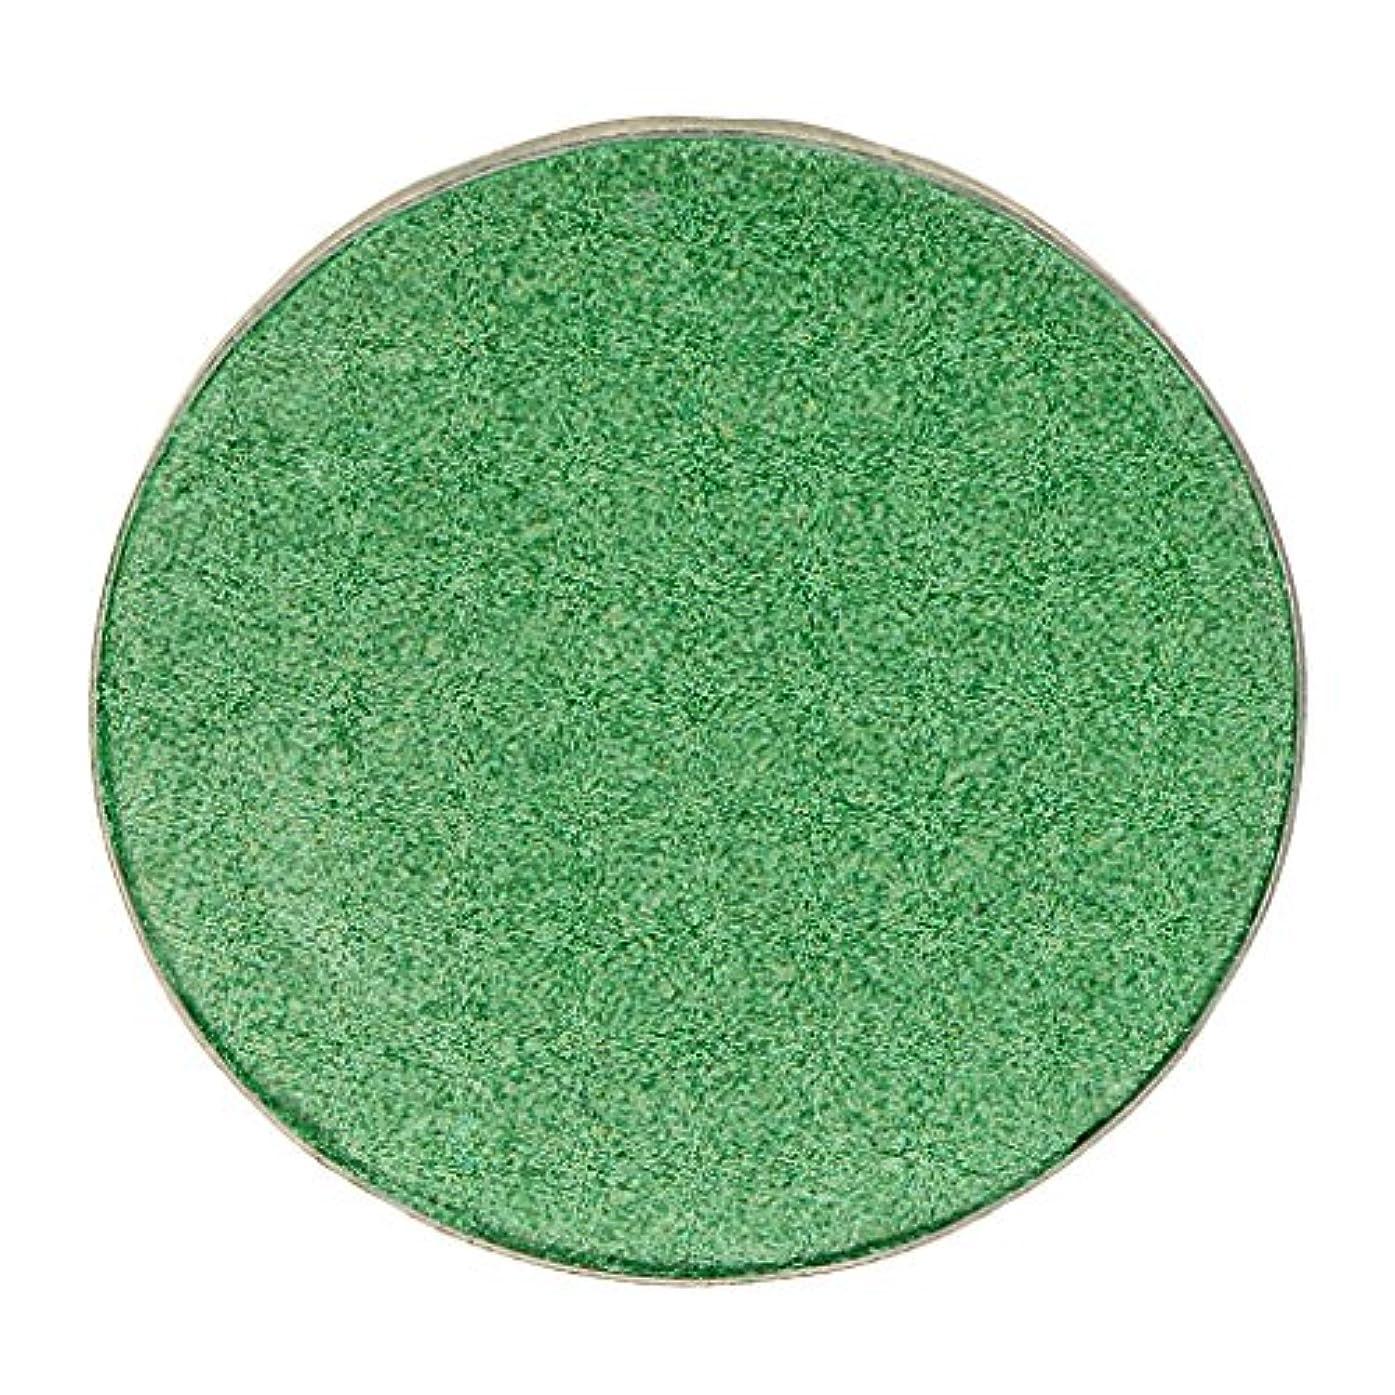 その間パンサー奪うSONONIA 化粧品用 アイシャドウ ハイライター パレット マット シマー アイシャドーメイク 結婚式 パーティー 全5色 - #38グリーン